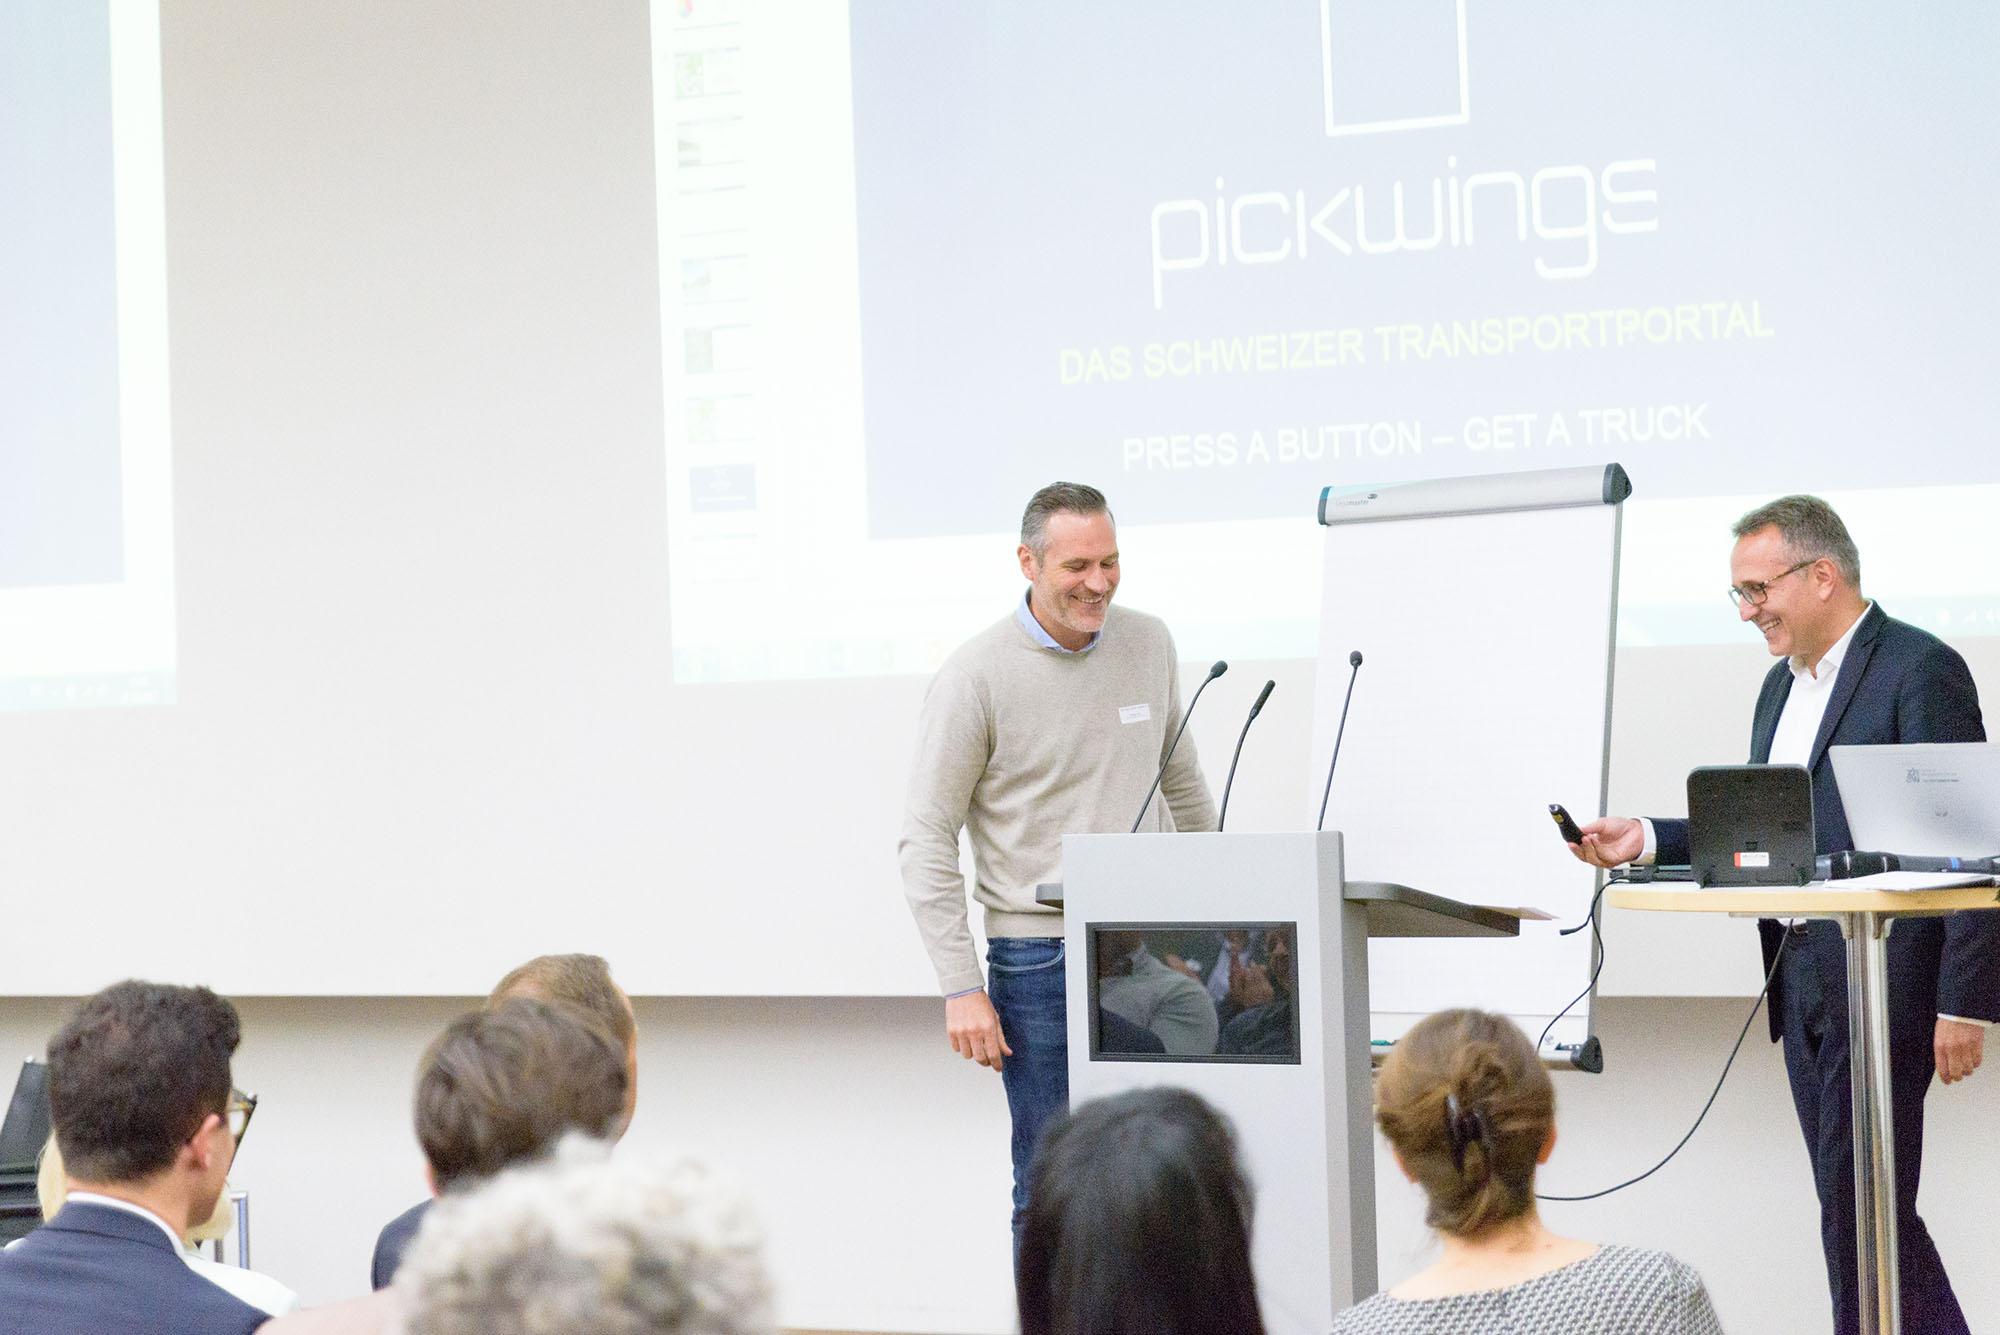 Marc Bolliger, Dirk Schäfer